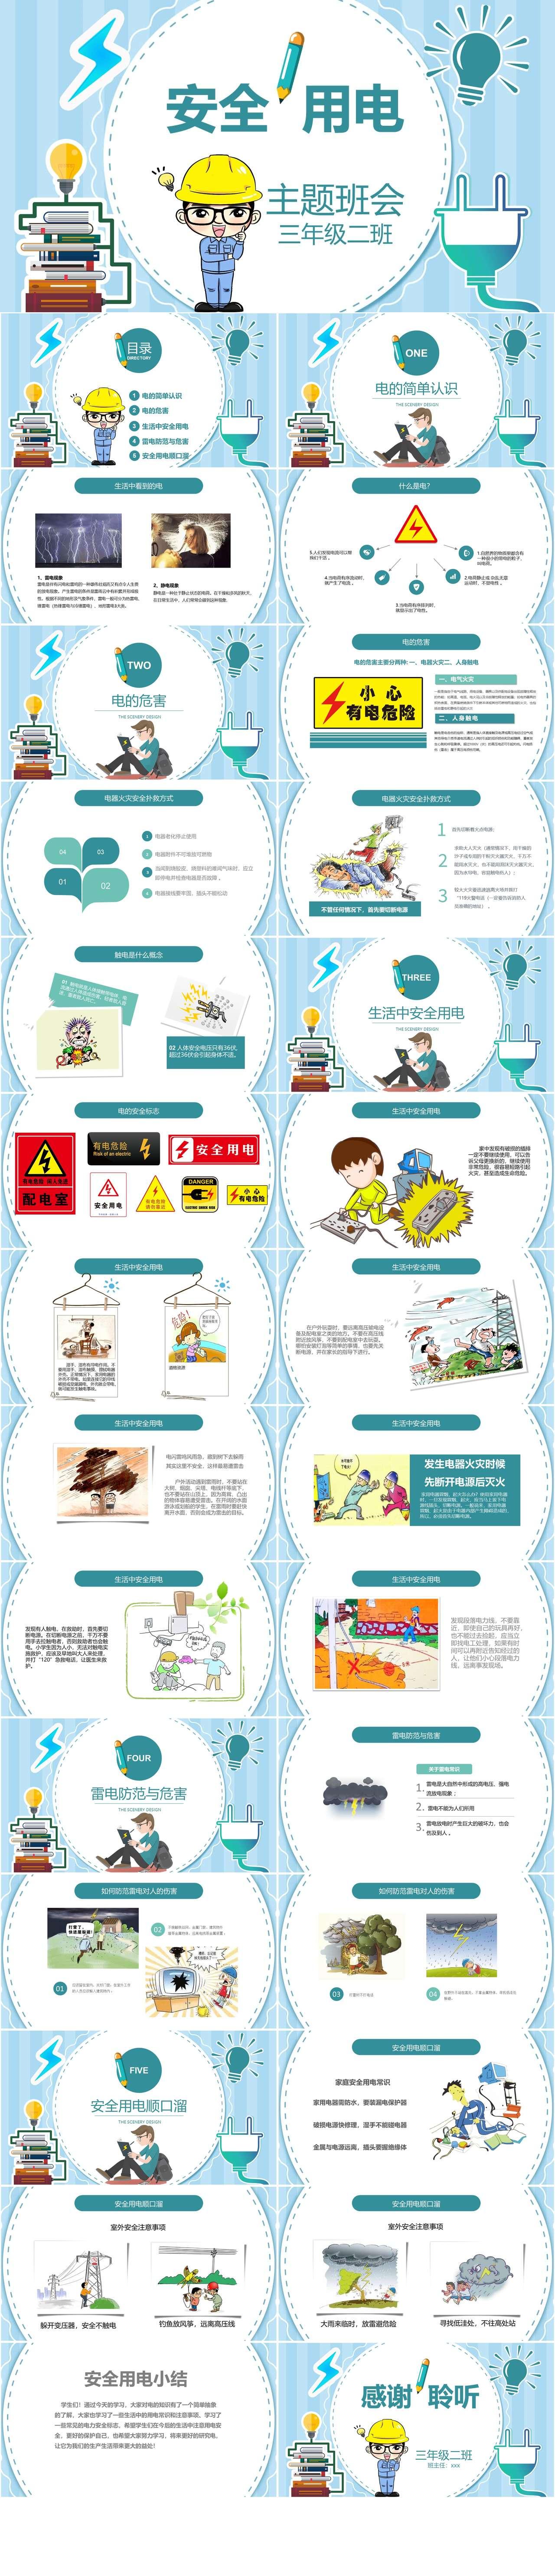 蓝色卡通安全用电教育主题班会PPT模板插图1